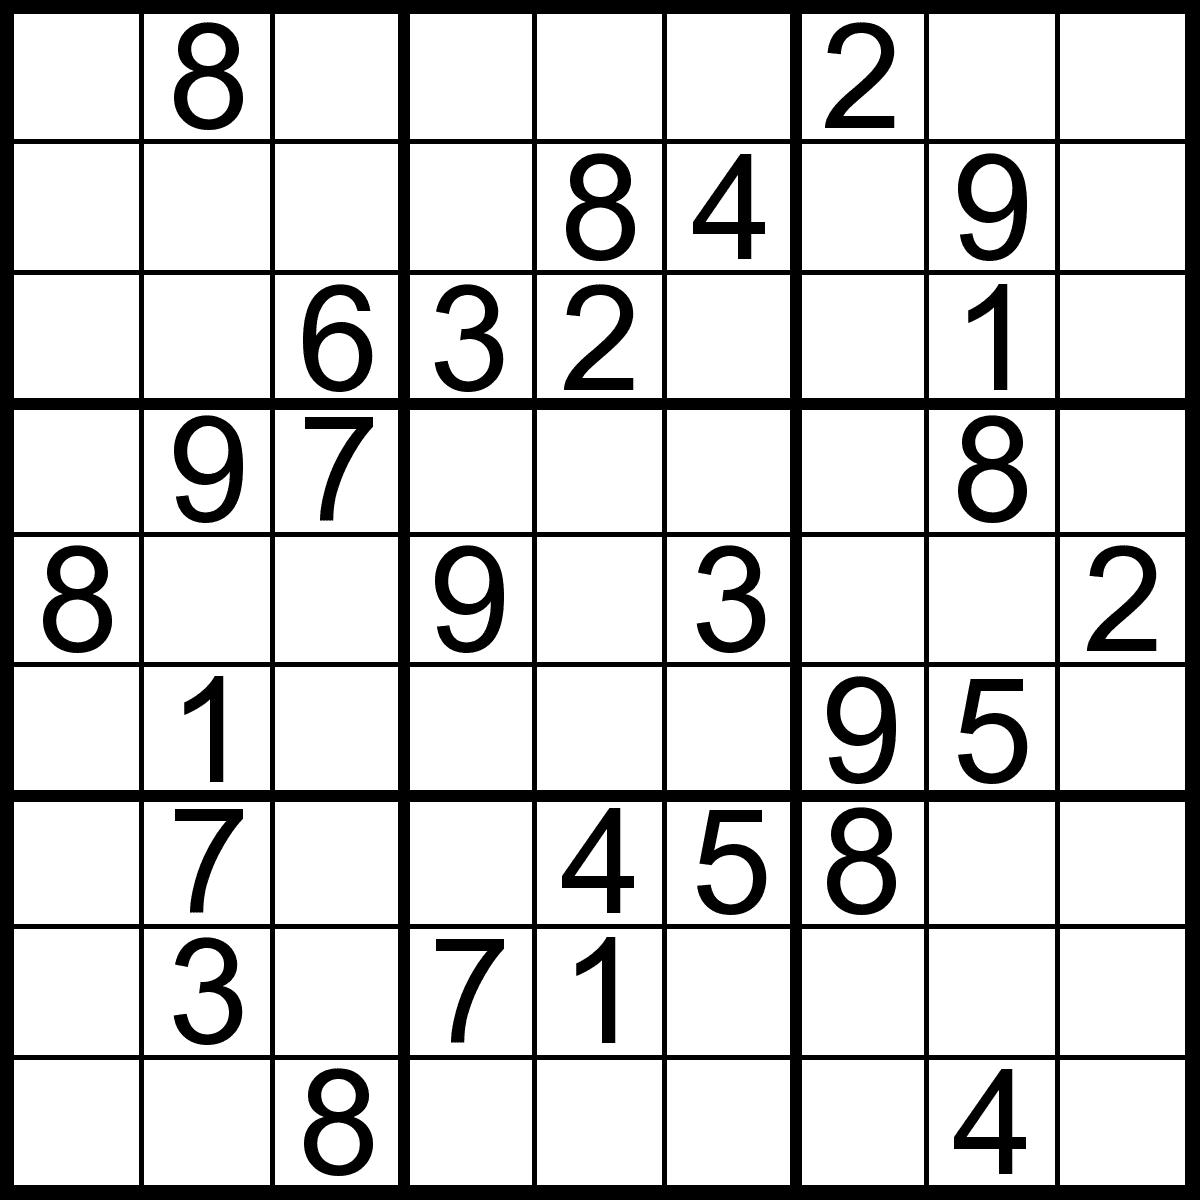 Online Sudoku Puzzle